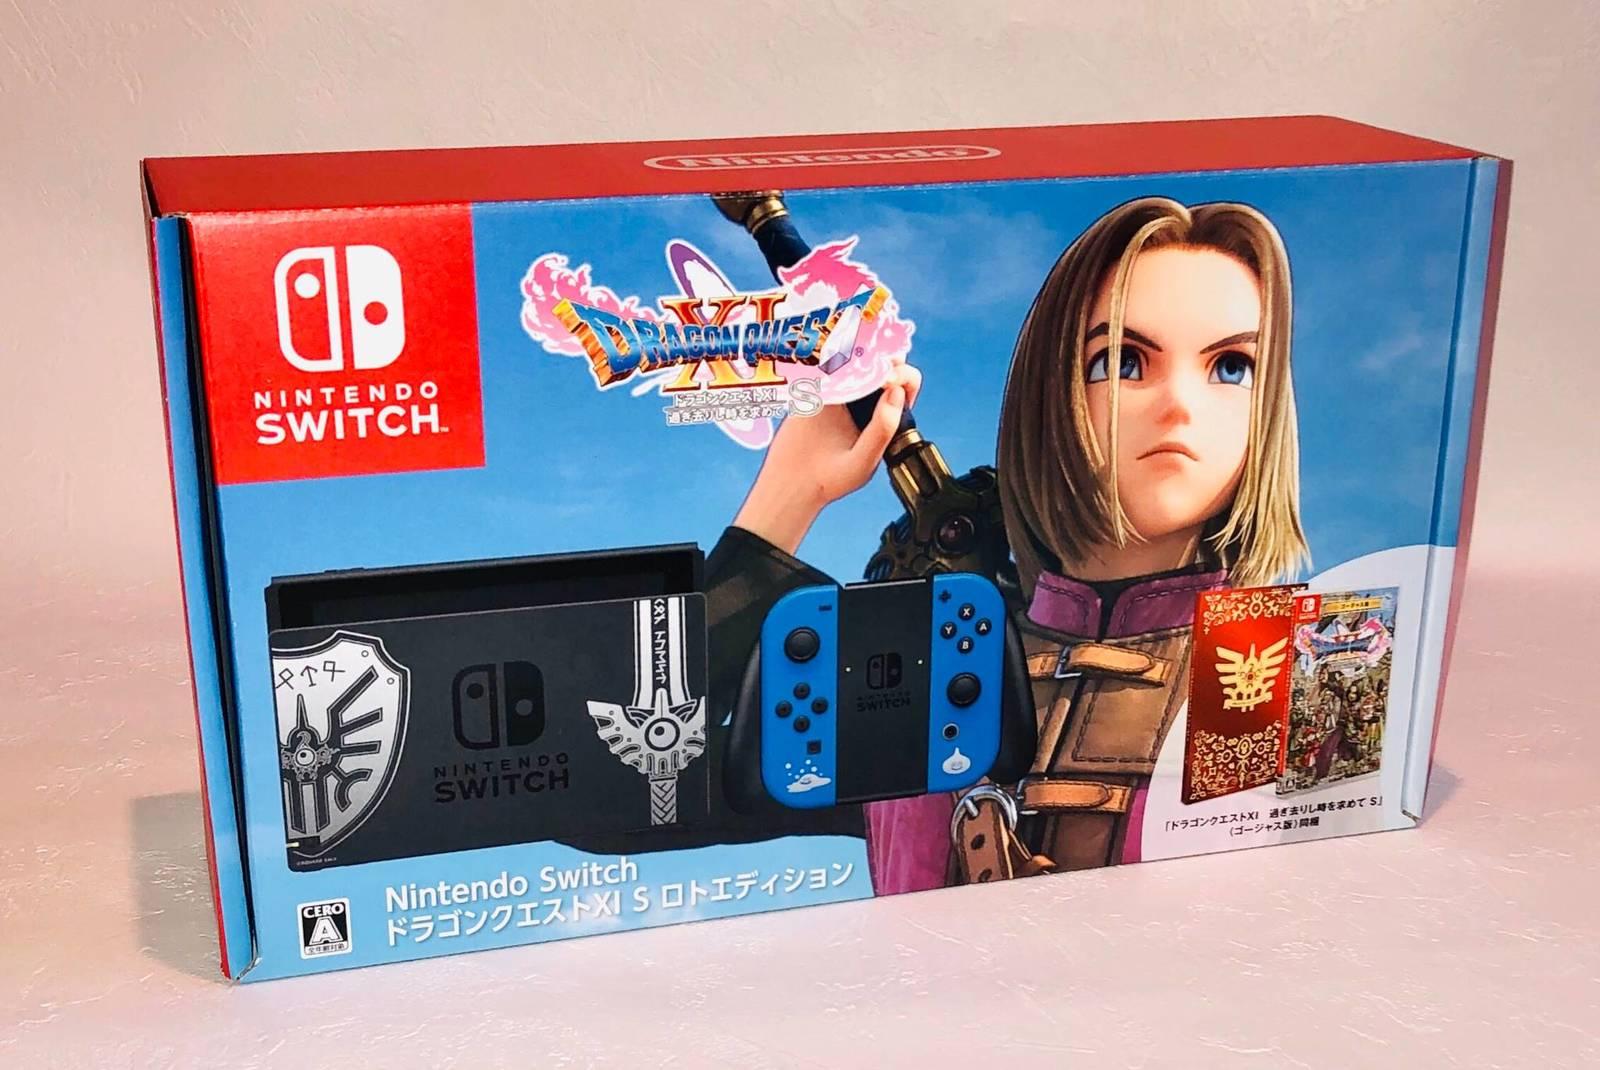 【新品】Nintendo Switch ドラゴンクエストXI S ロトエディション+オマケ付き【送料無料】◆新品未開封品です◆